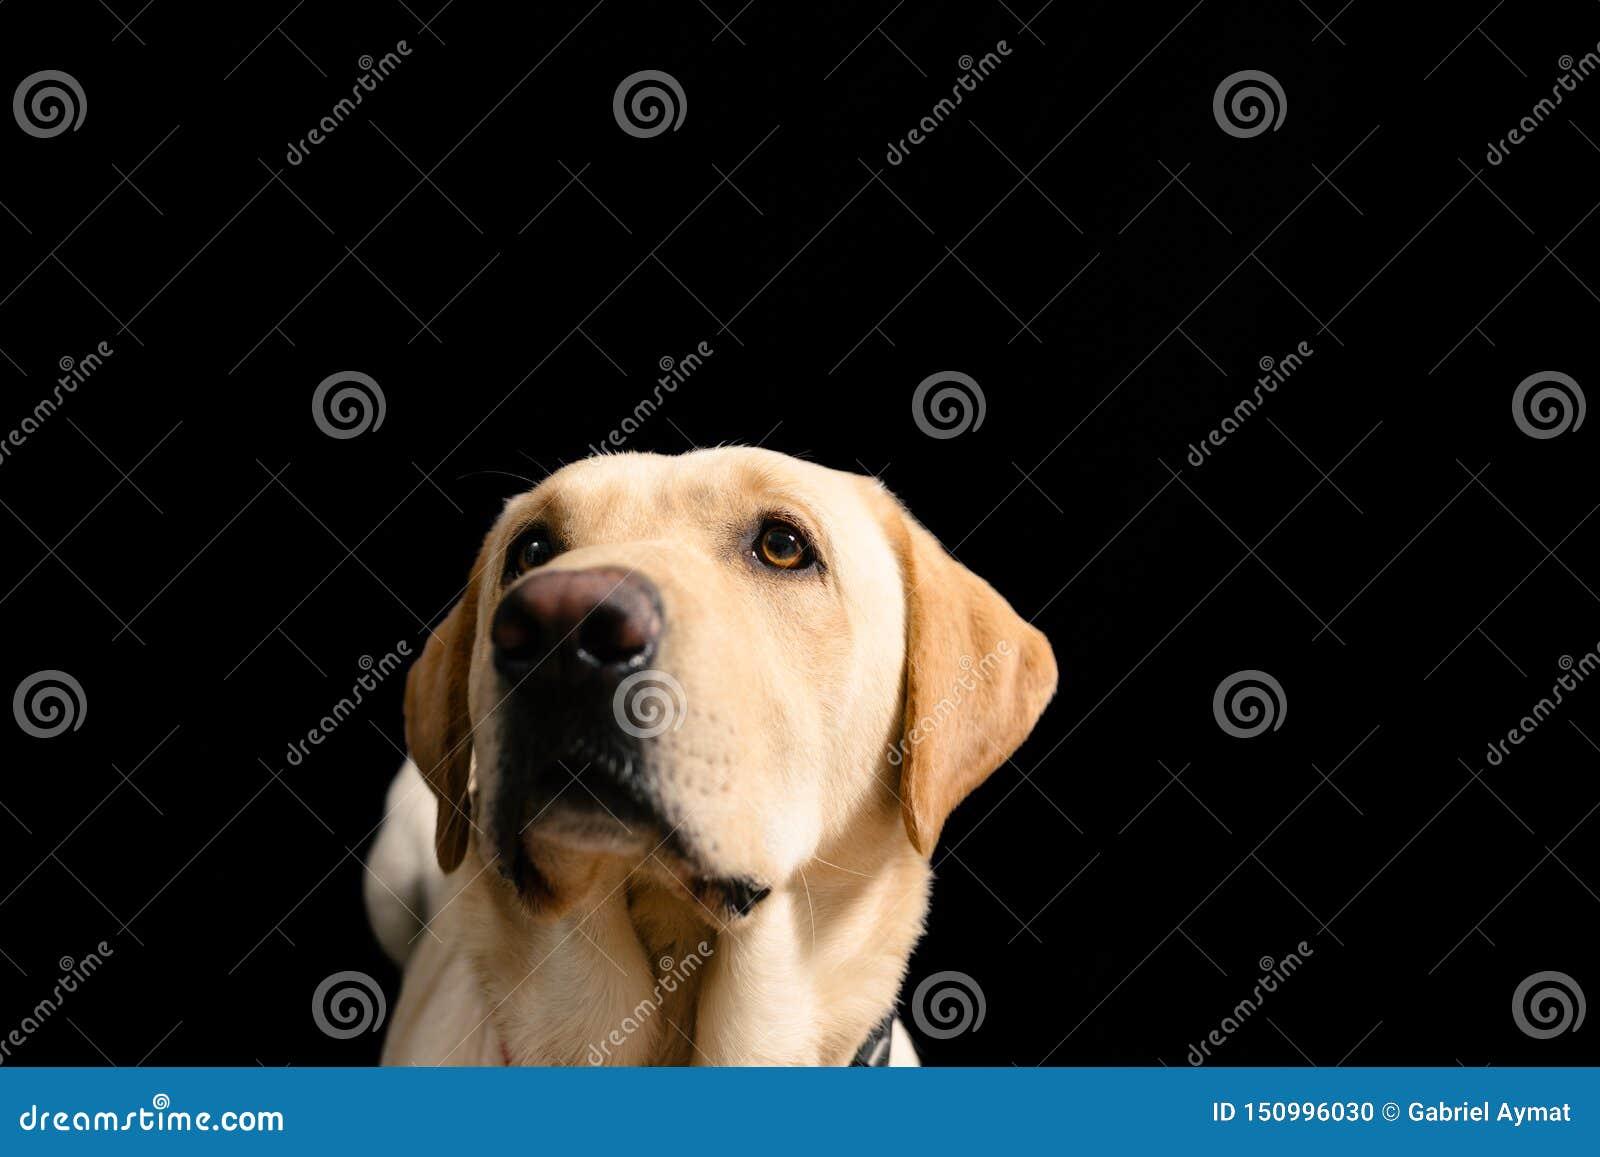 Nahaufnahme-Porträt von blondem Labrador auf schwarzem Hintergrund